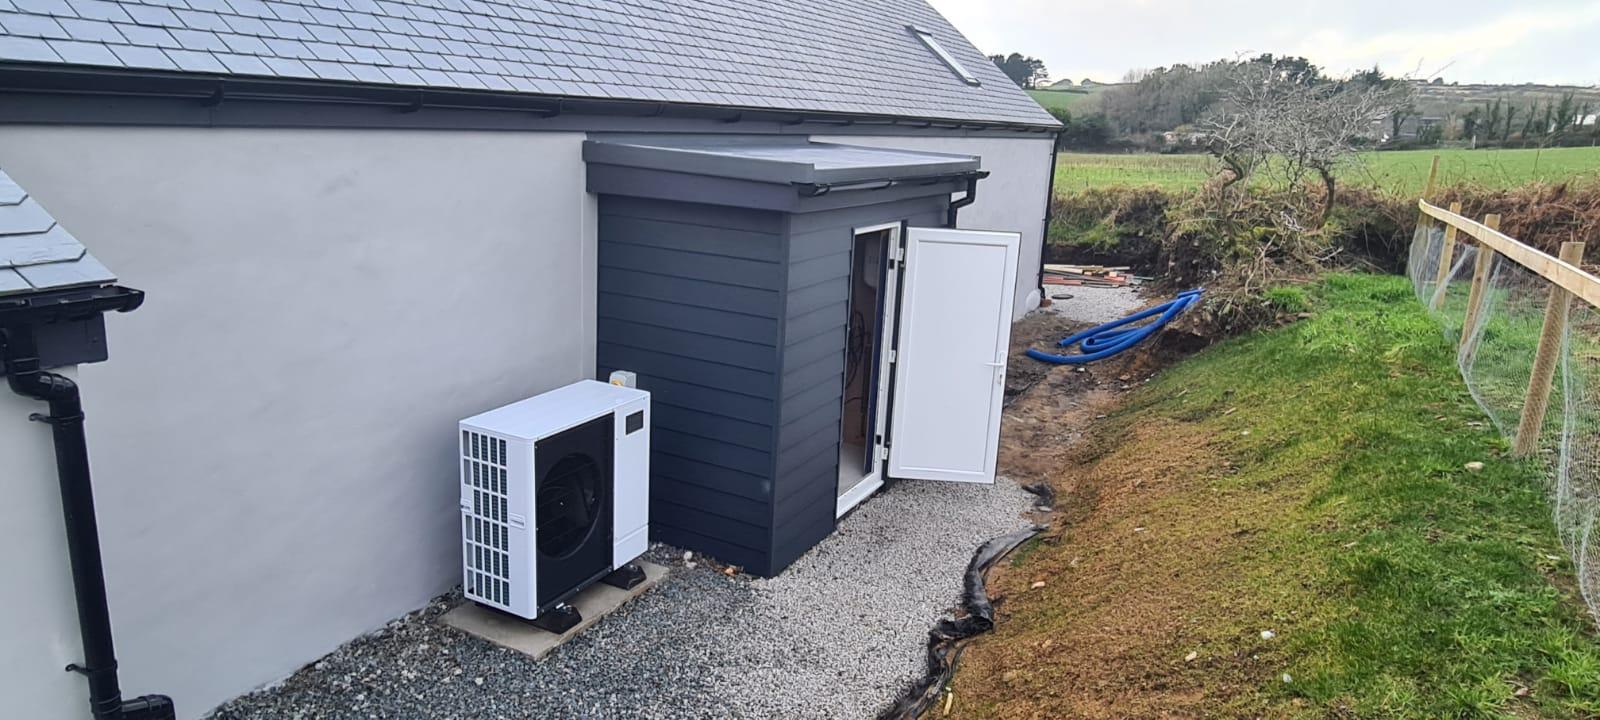 Outdoor Plant Room Heat Pump